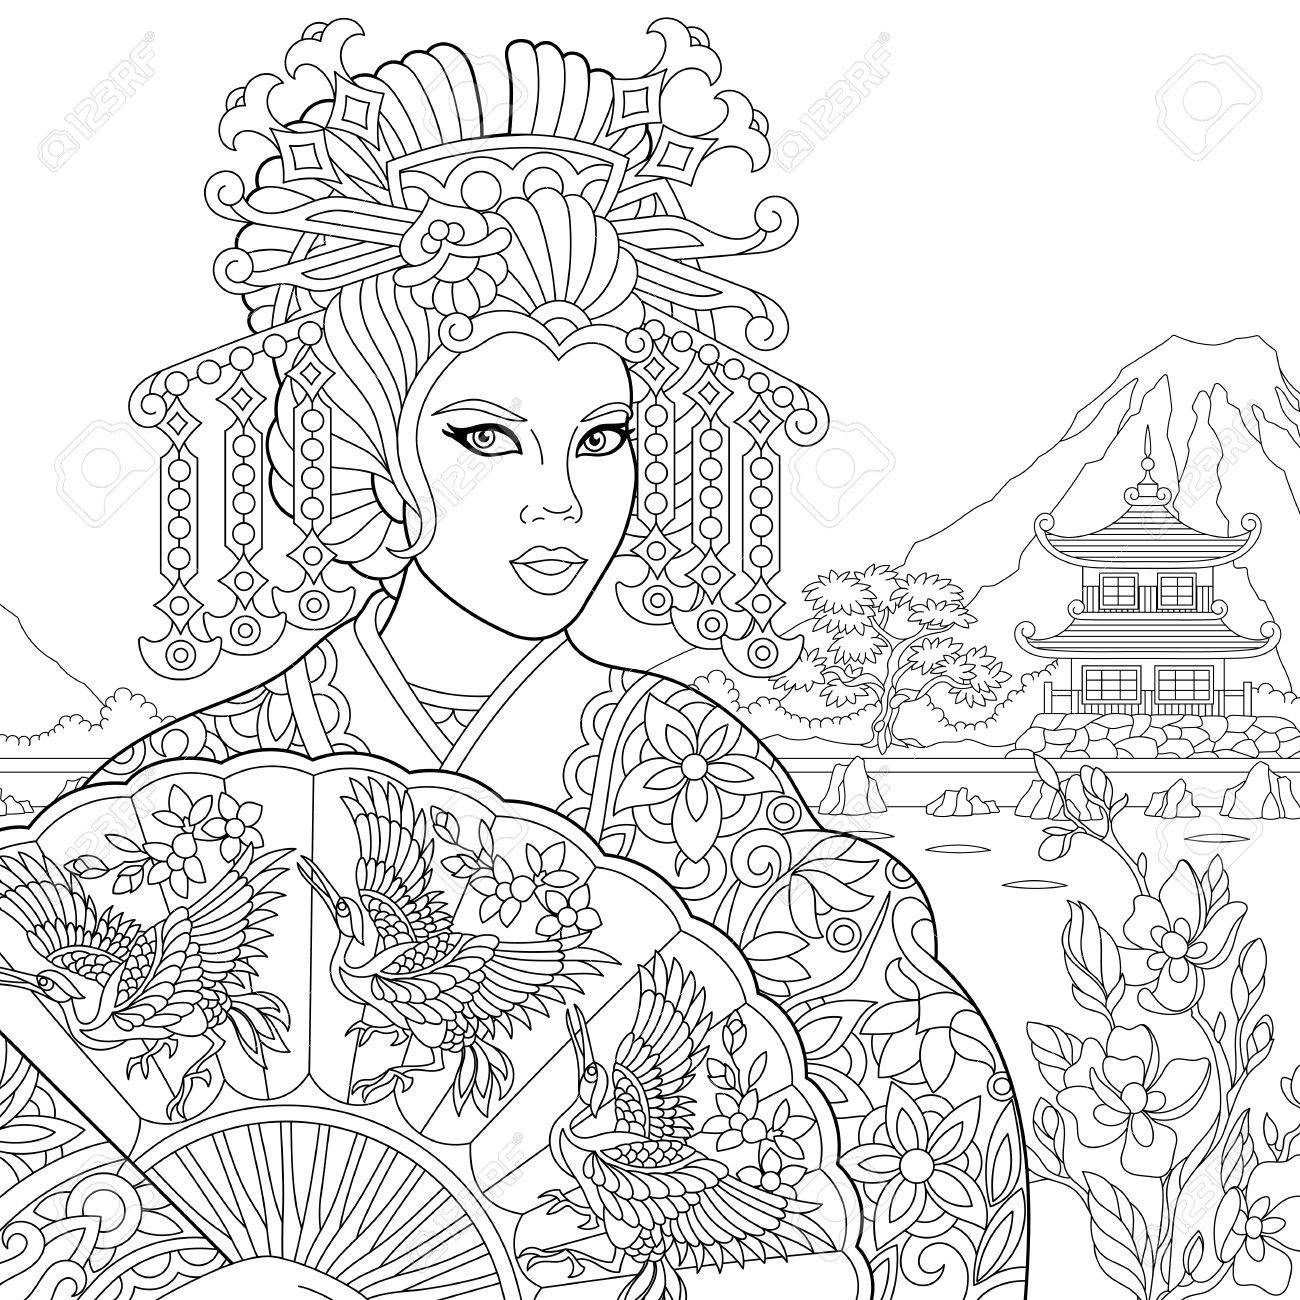 Coloriage De Geisha Actrice De Danse Japonaise Tenant Un éventail De Papier Avec Des Oiseaux De Grue Dessin De Croquis à Main Levée Pour Livre De